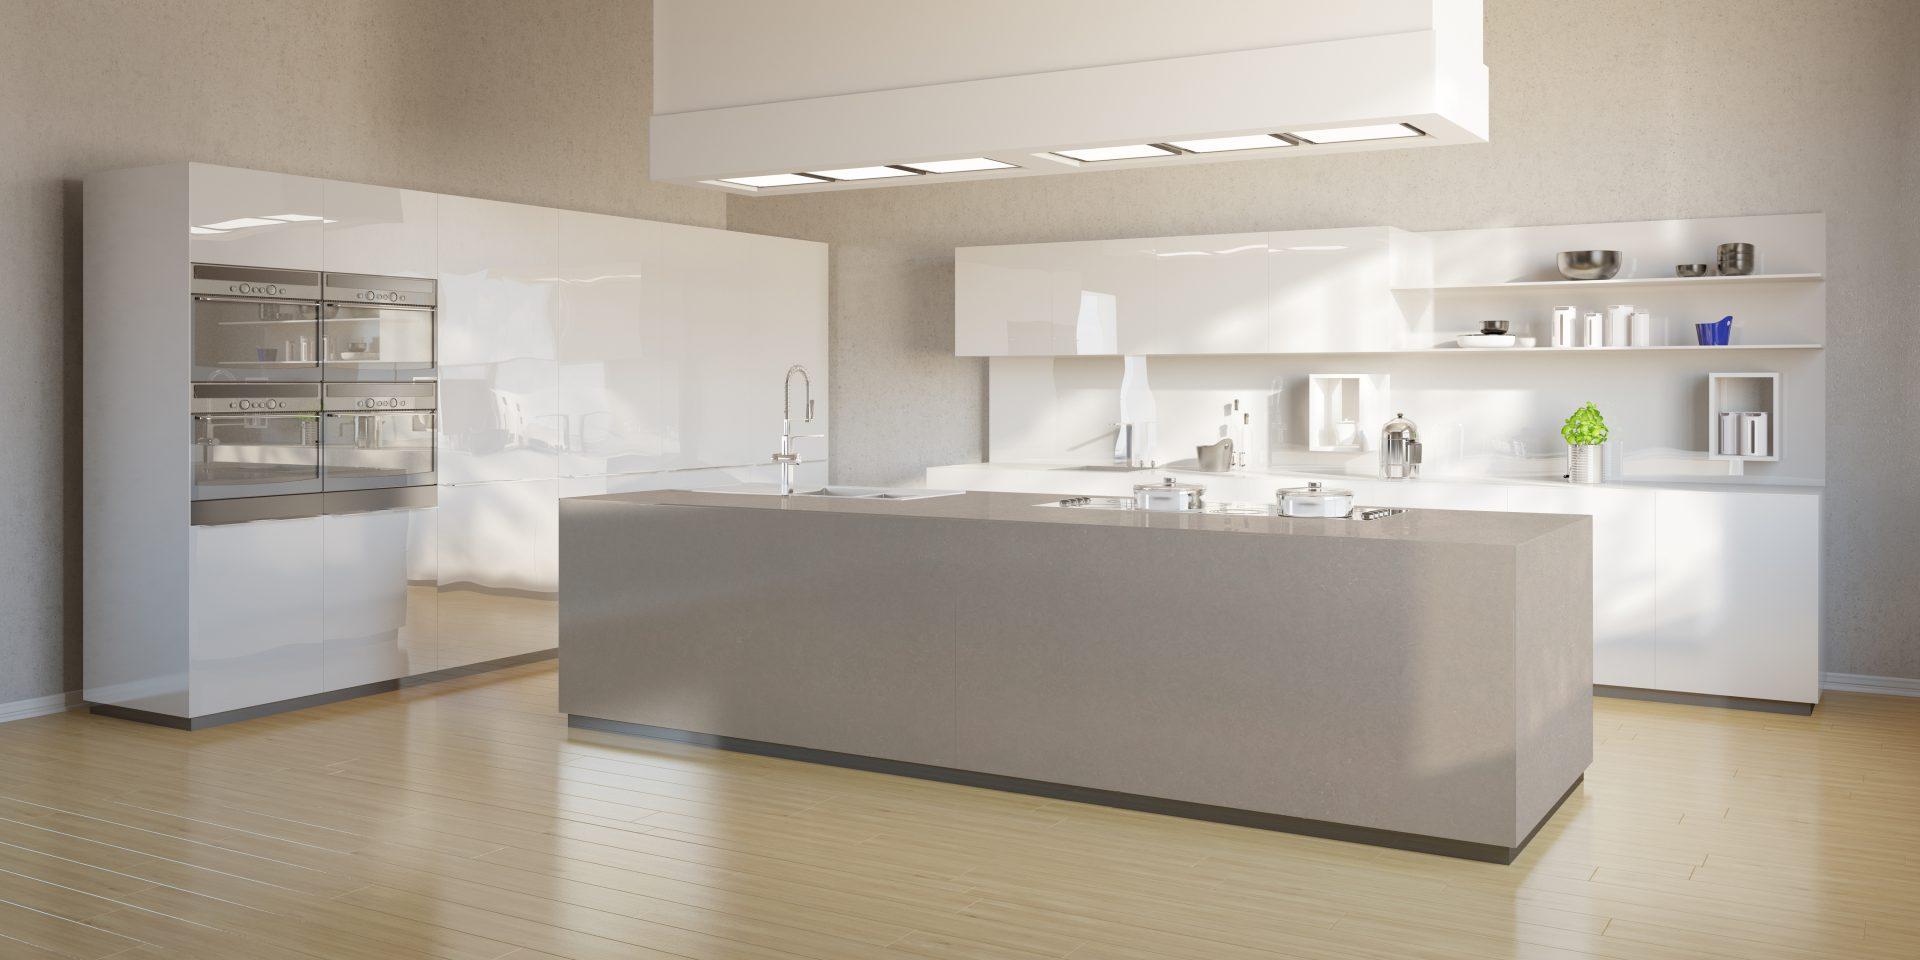 Silestone Kitchen - Nymbus